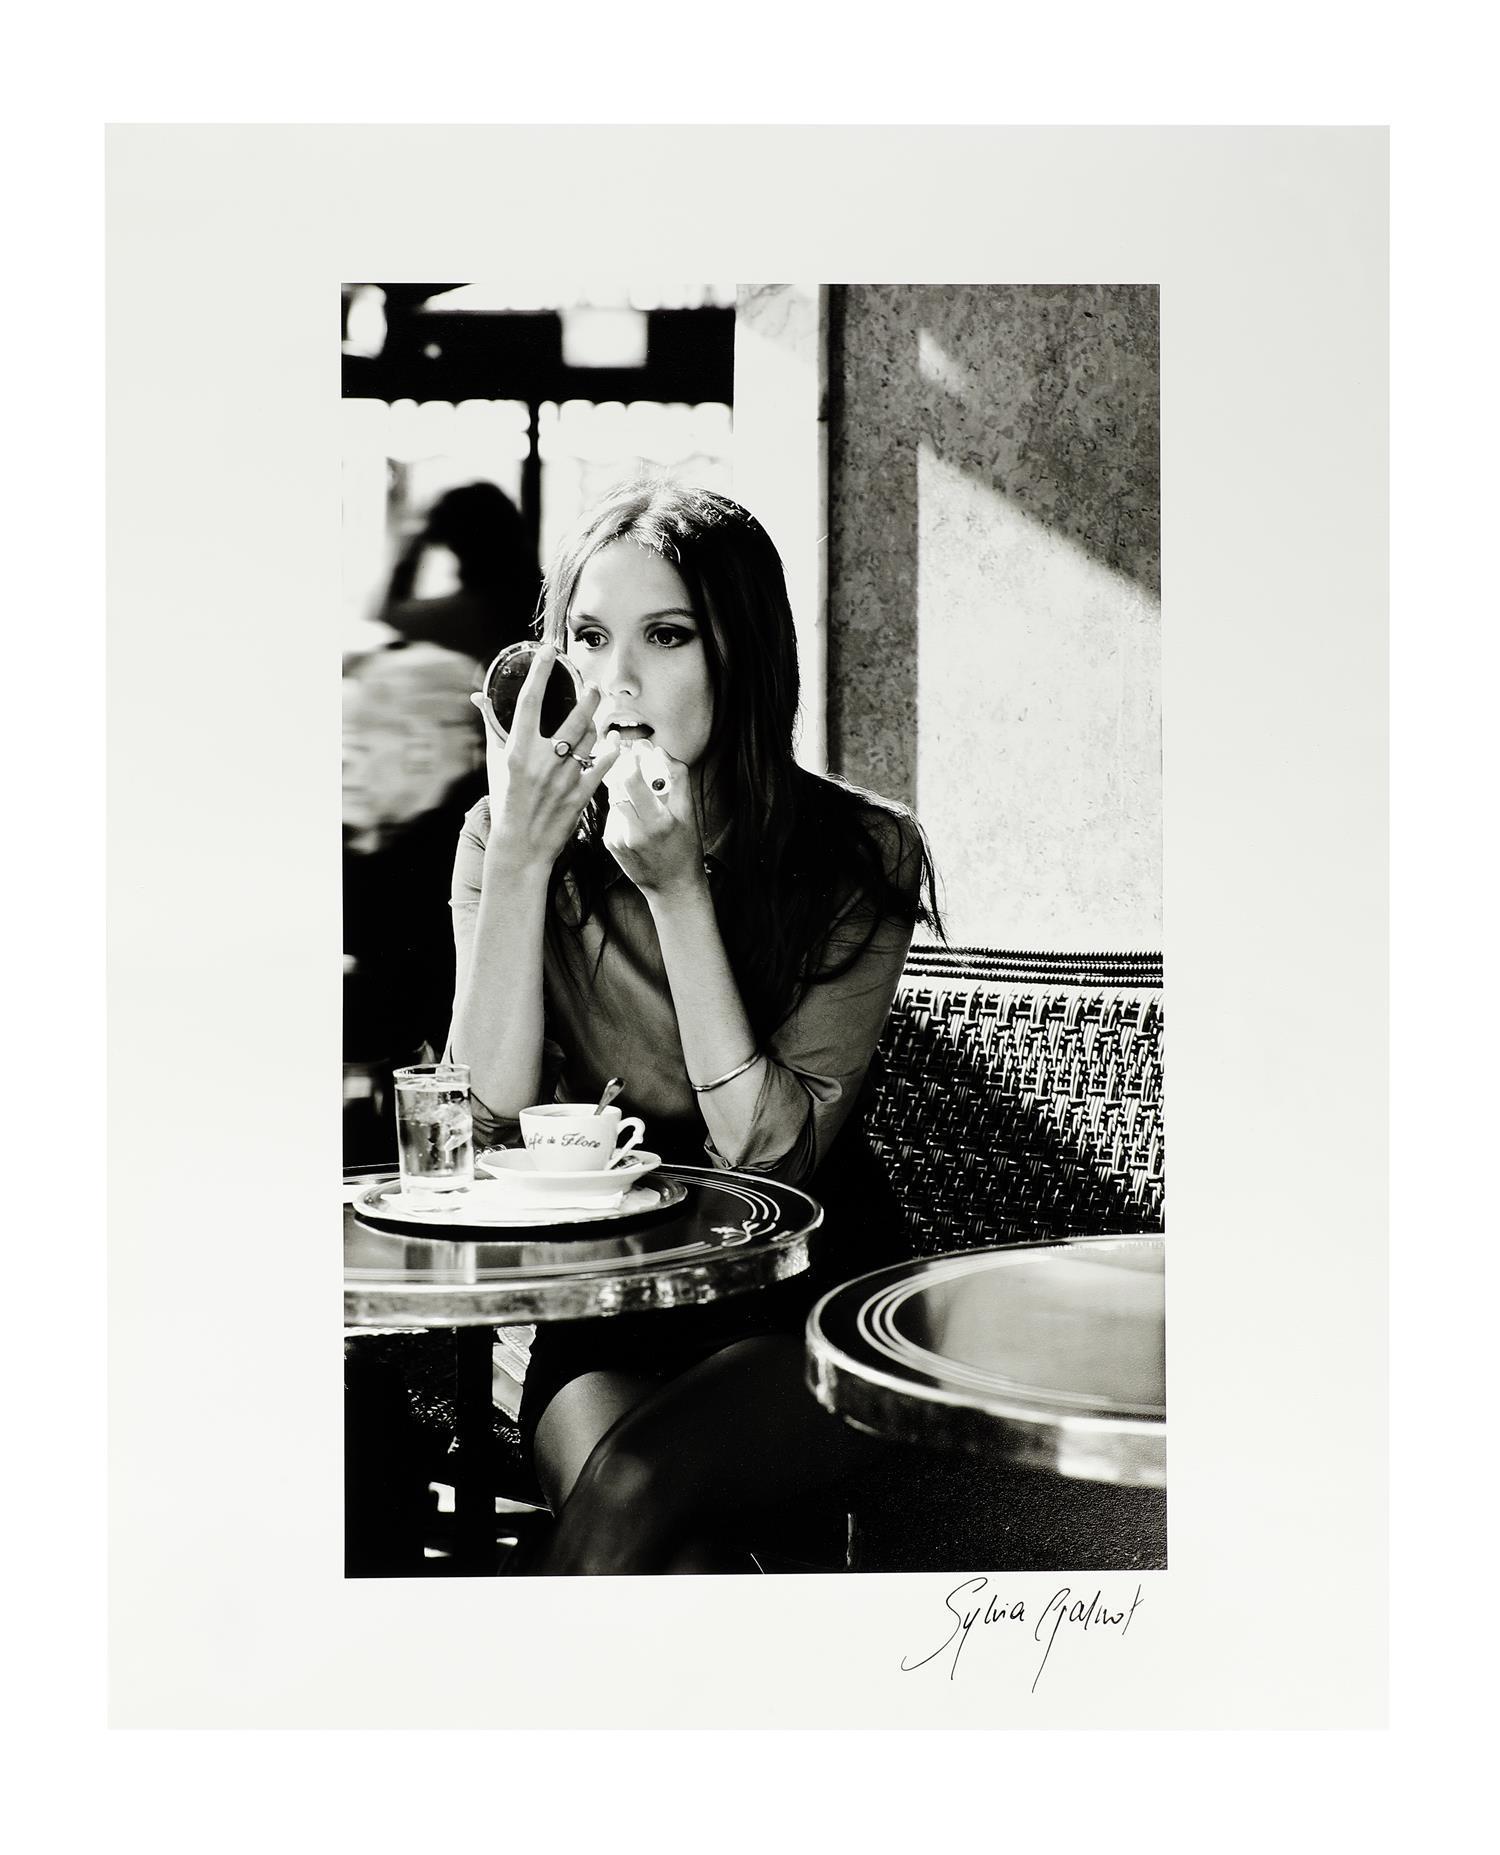 """Tirage baryté """"La Parisienne au café de Flore"""" de Sylvia Galmot"""